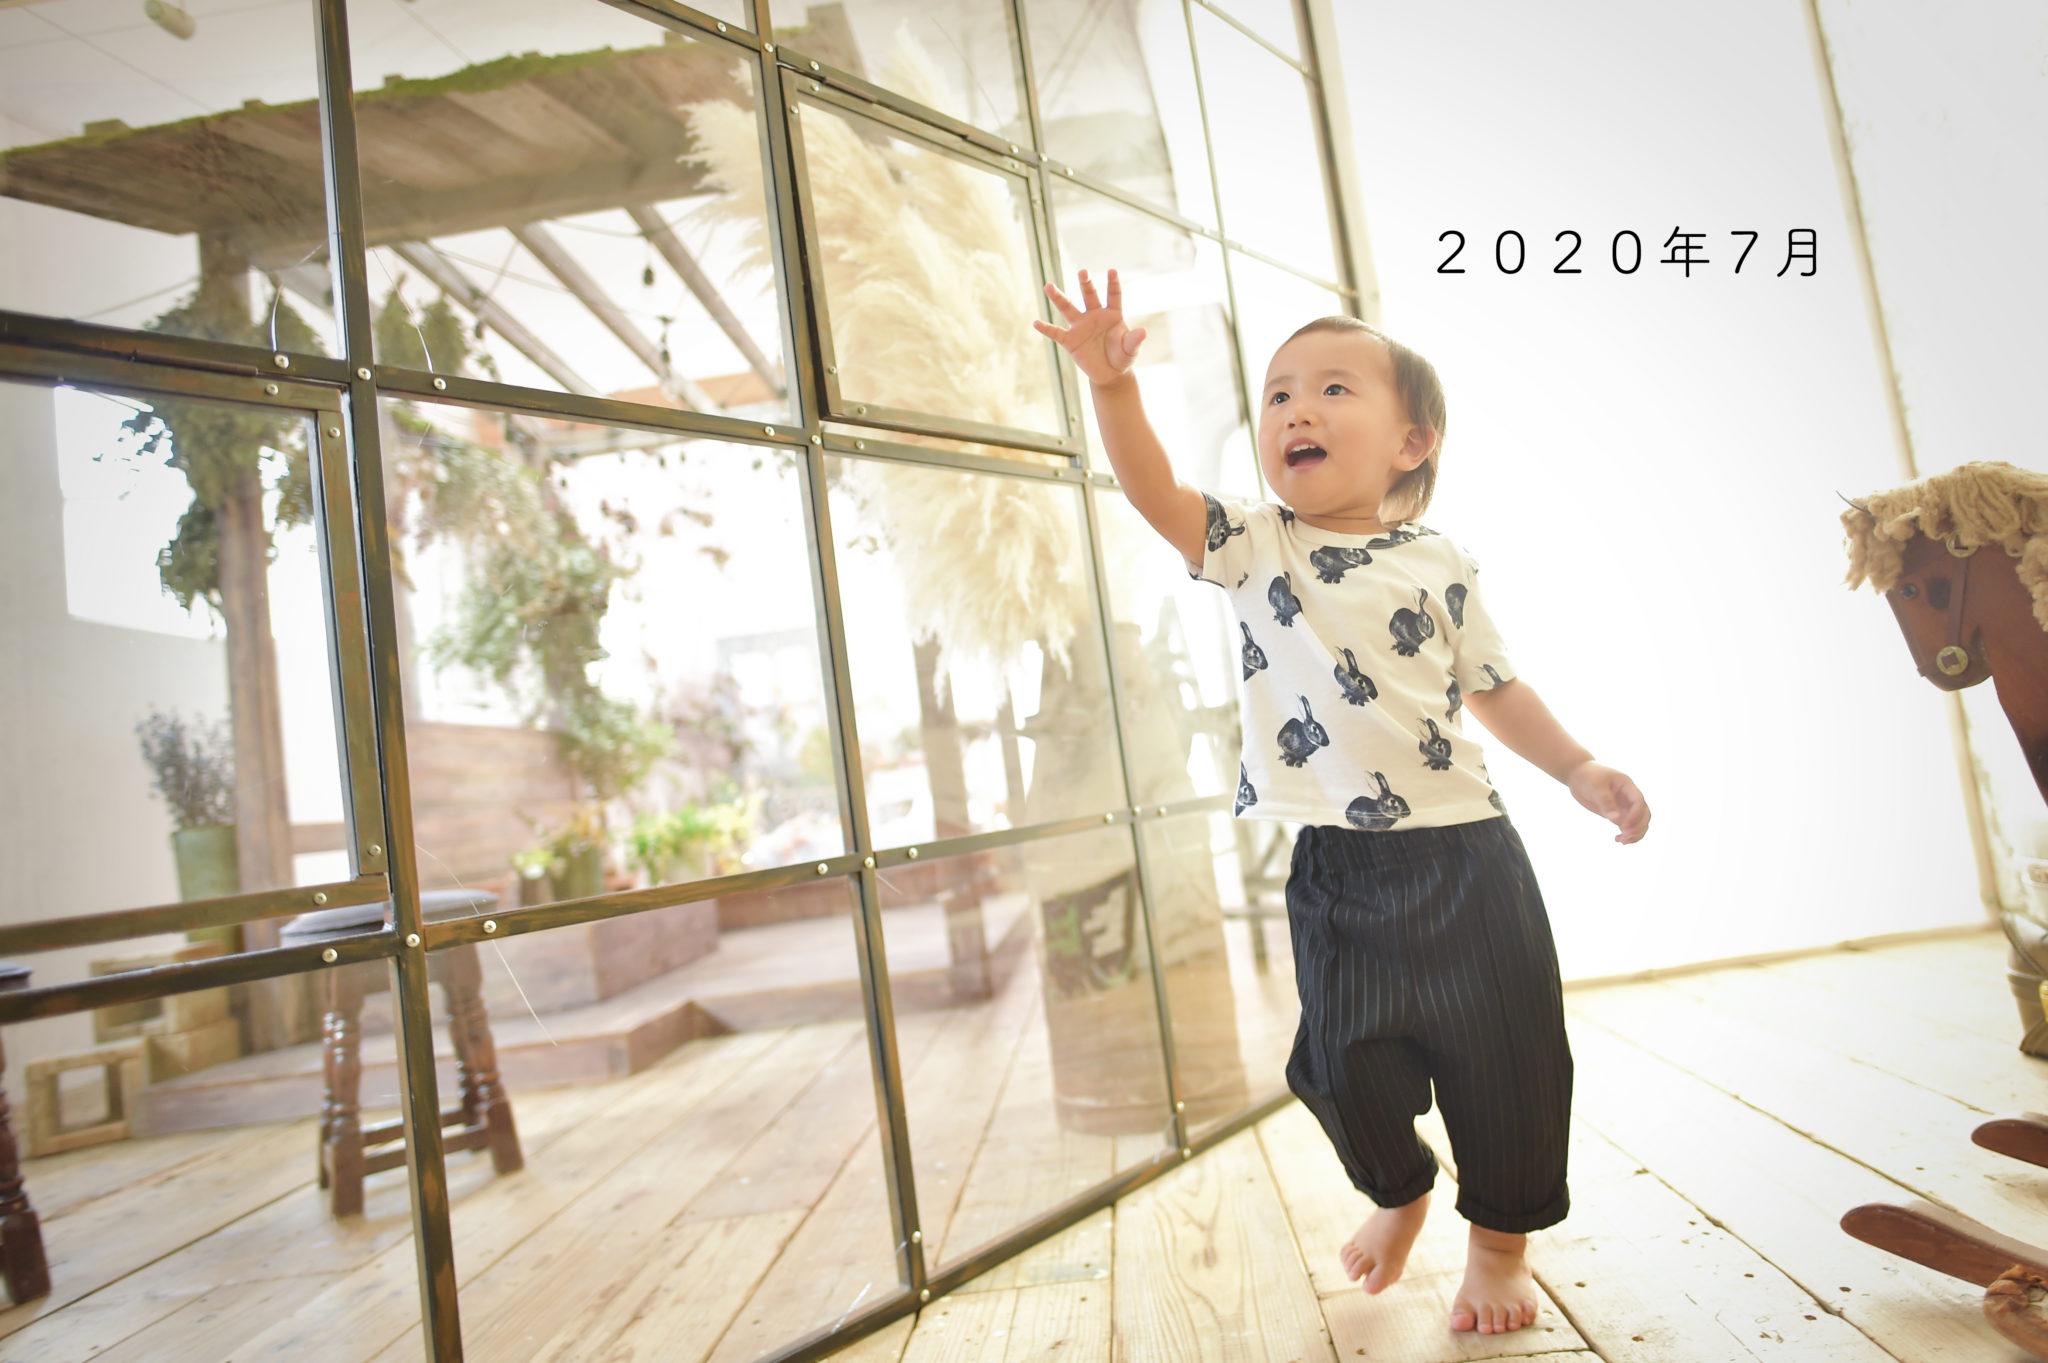 宝塚市 バースデー 写真館 フォトスタジオ スタジオオレンジモンテシート